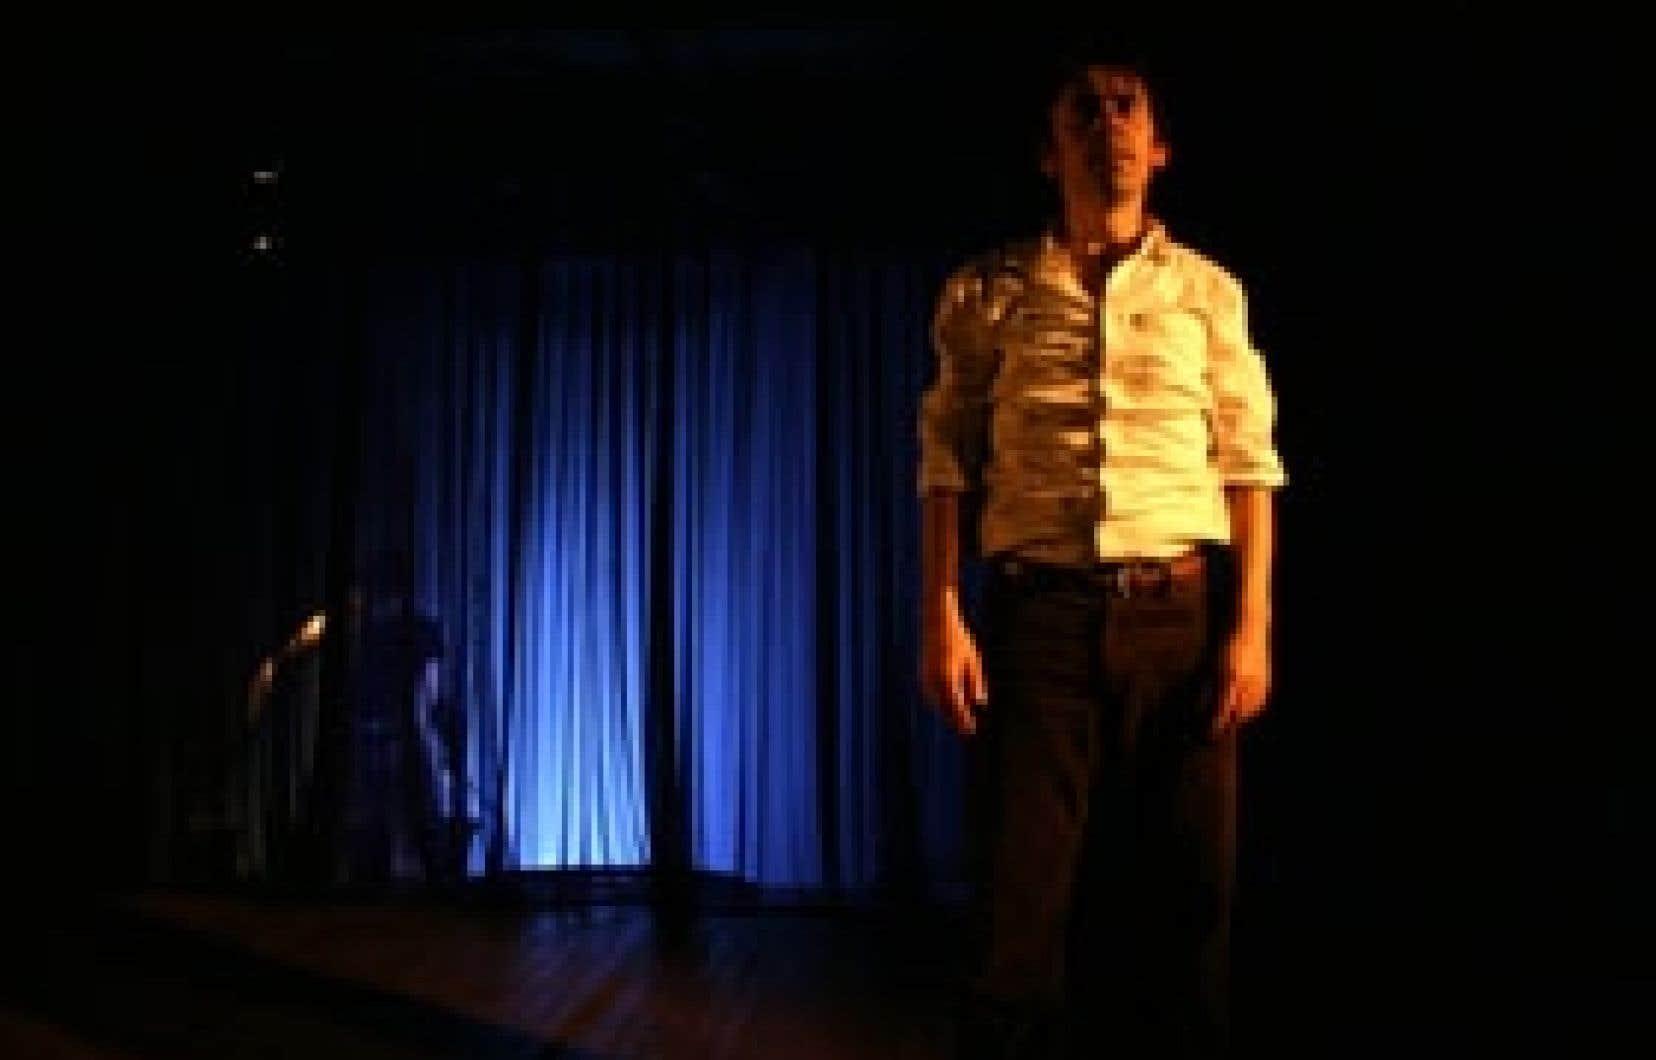 La pièce Monsieur Malaussène au théâtre, avec Vincent Magnat dans le rôle principal, doit beaucoup de son atmosphère à l'environnement sonore. Retranchée derrière un rideau, Charmaine LeBlanc distille une musique organique. Photo: Marilène Ba